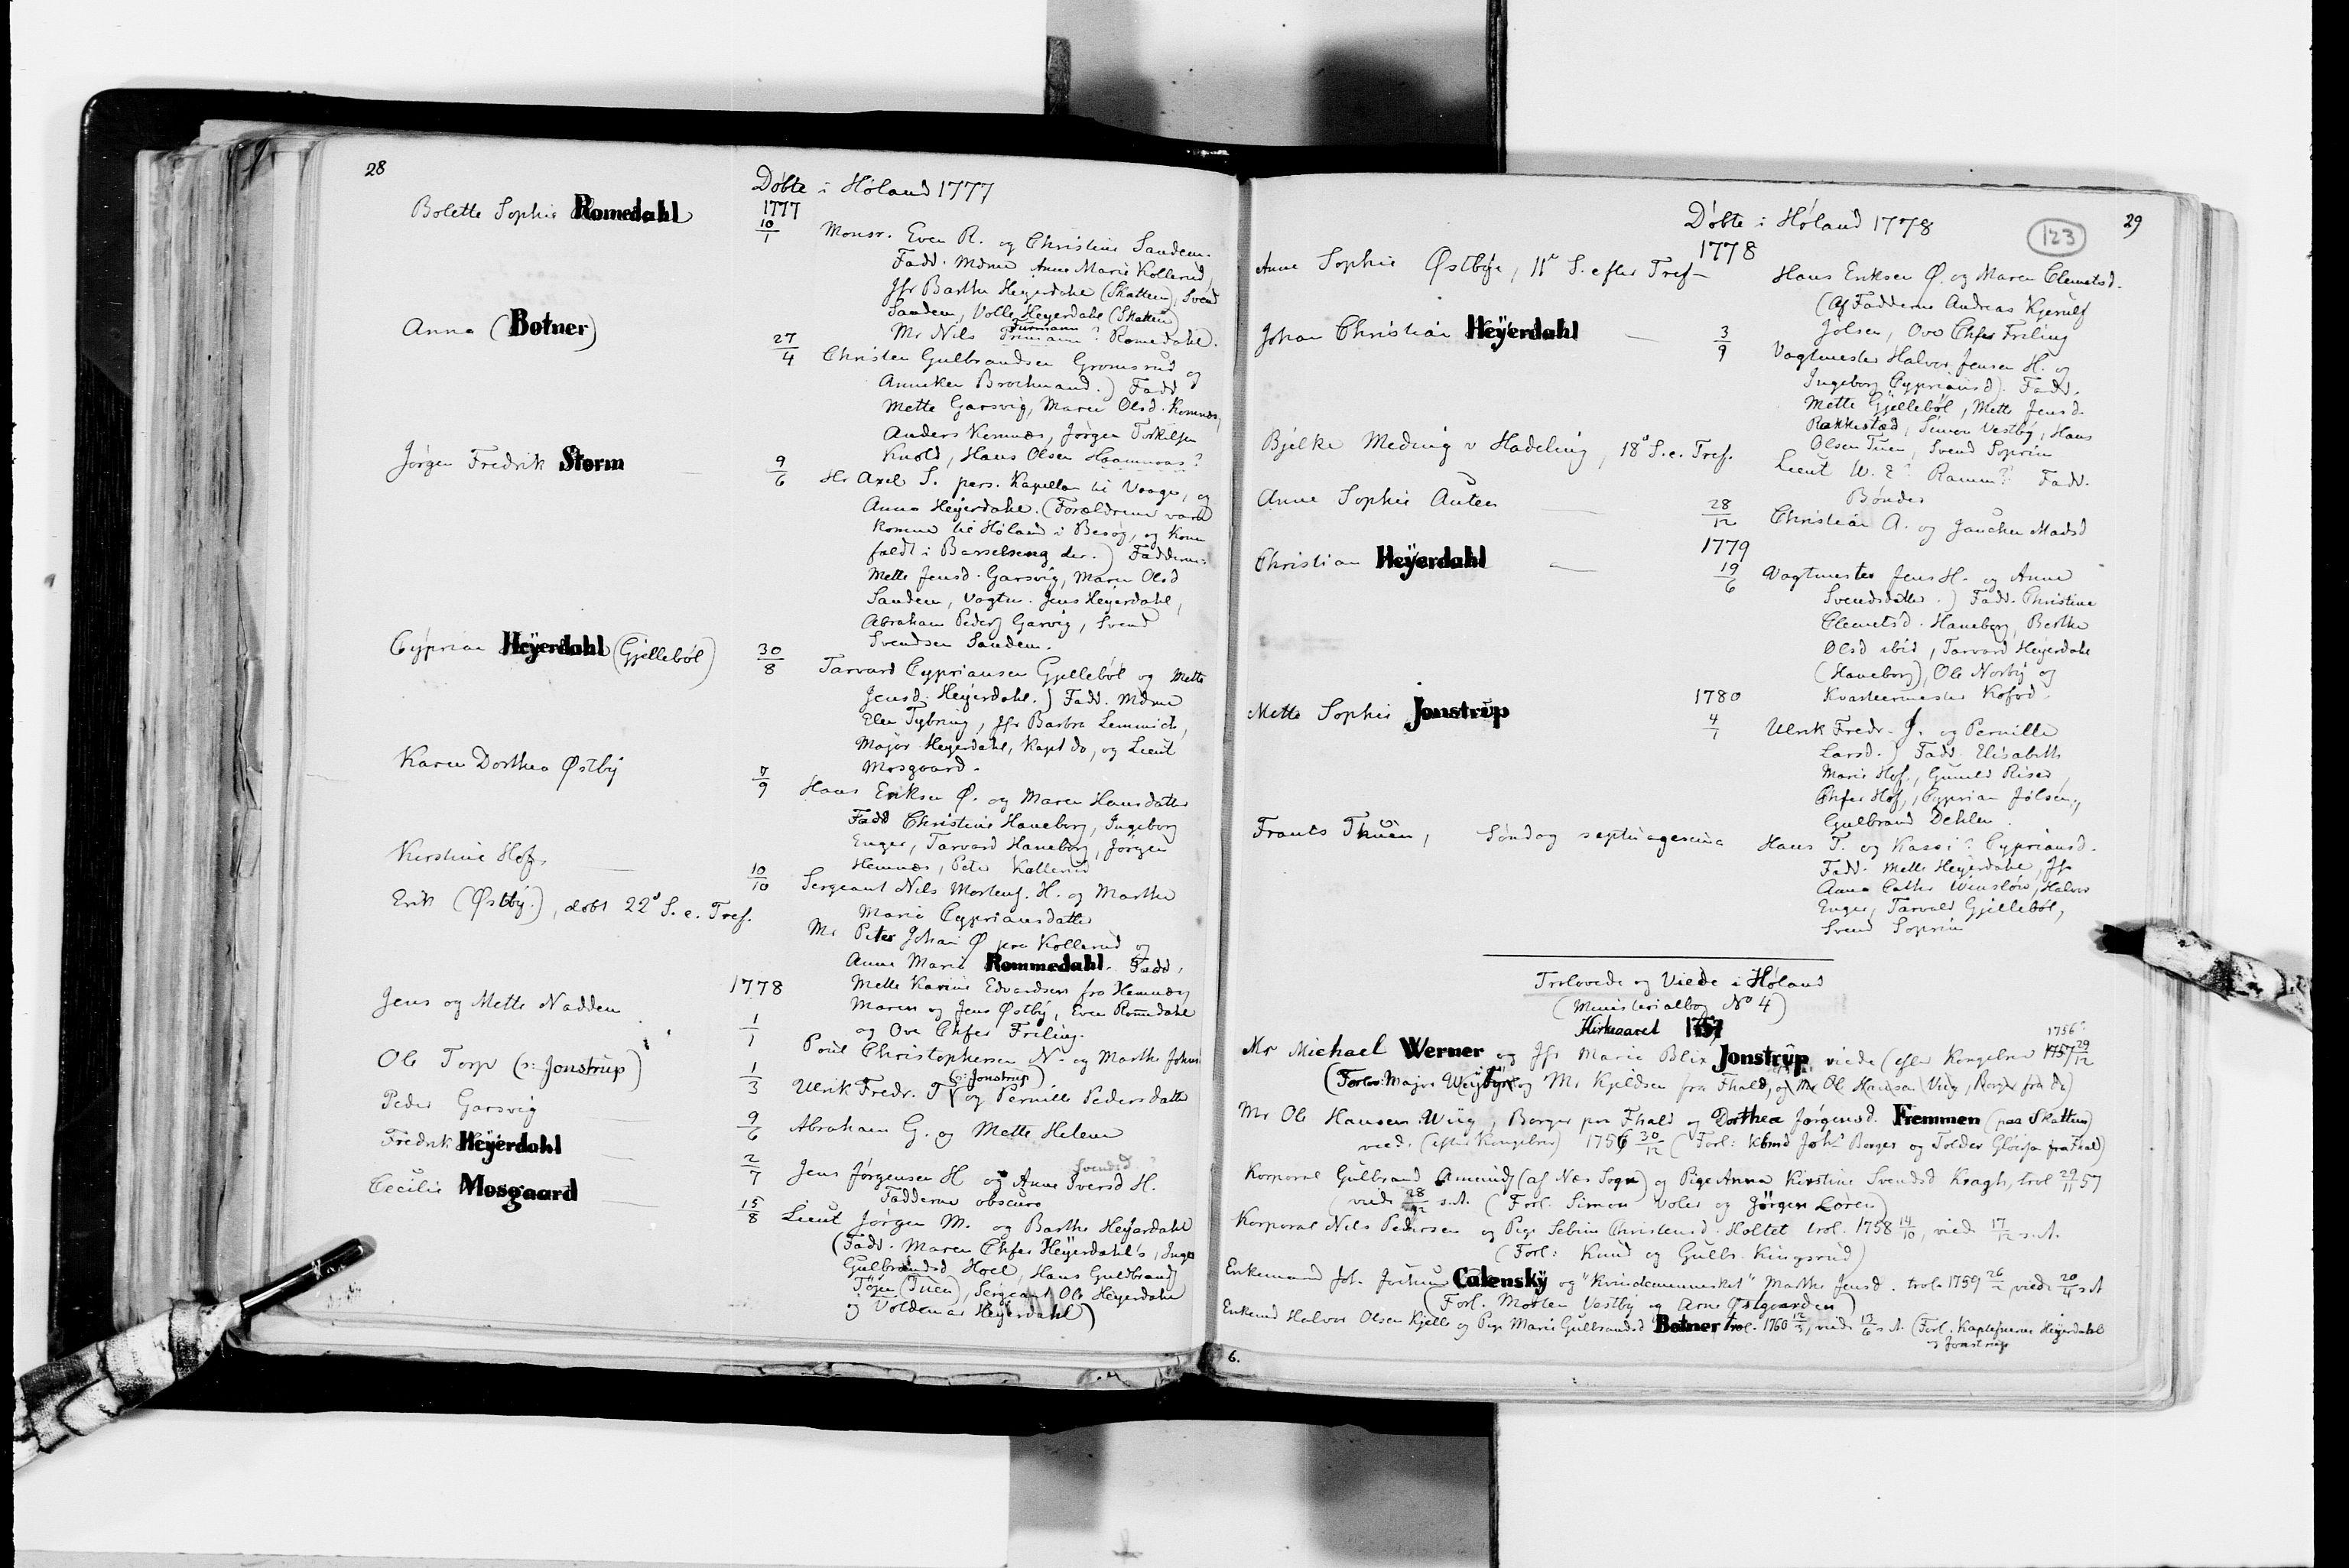 RA, Lassens samlinger, F/Fc, s. 123